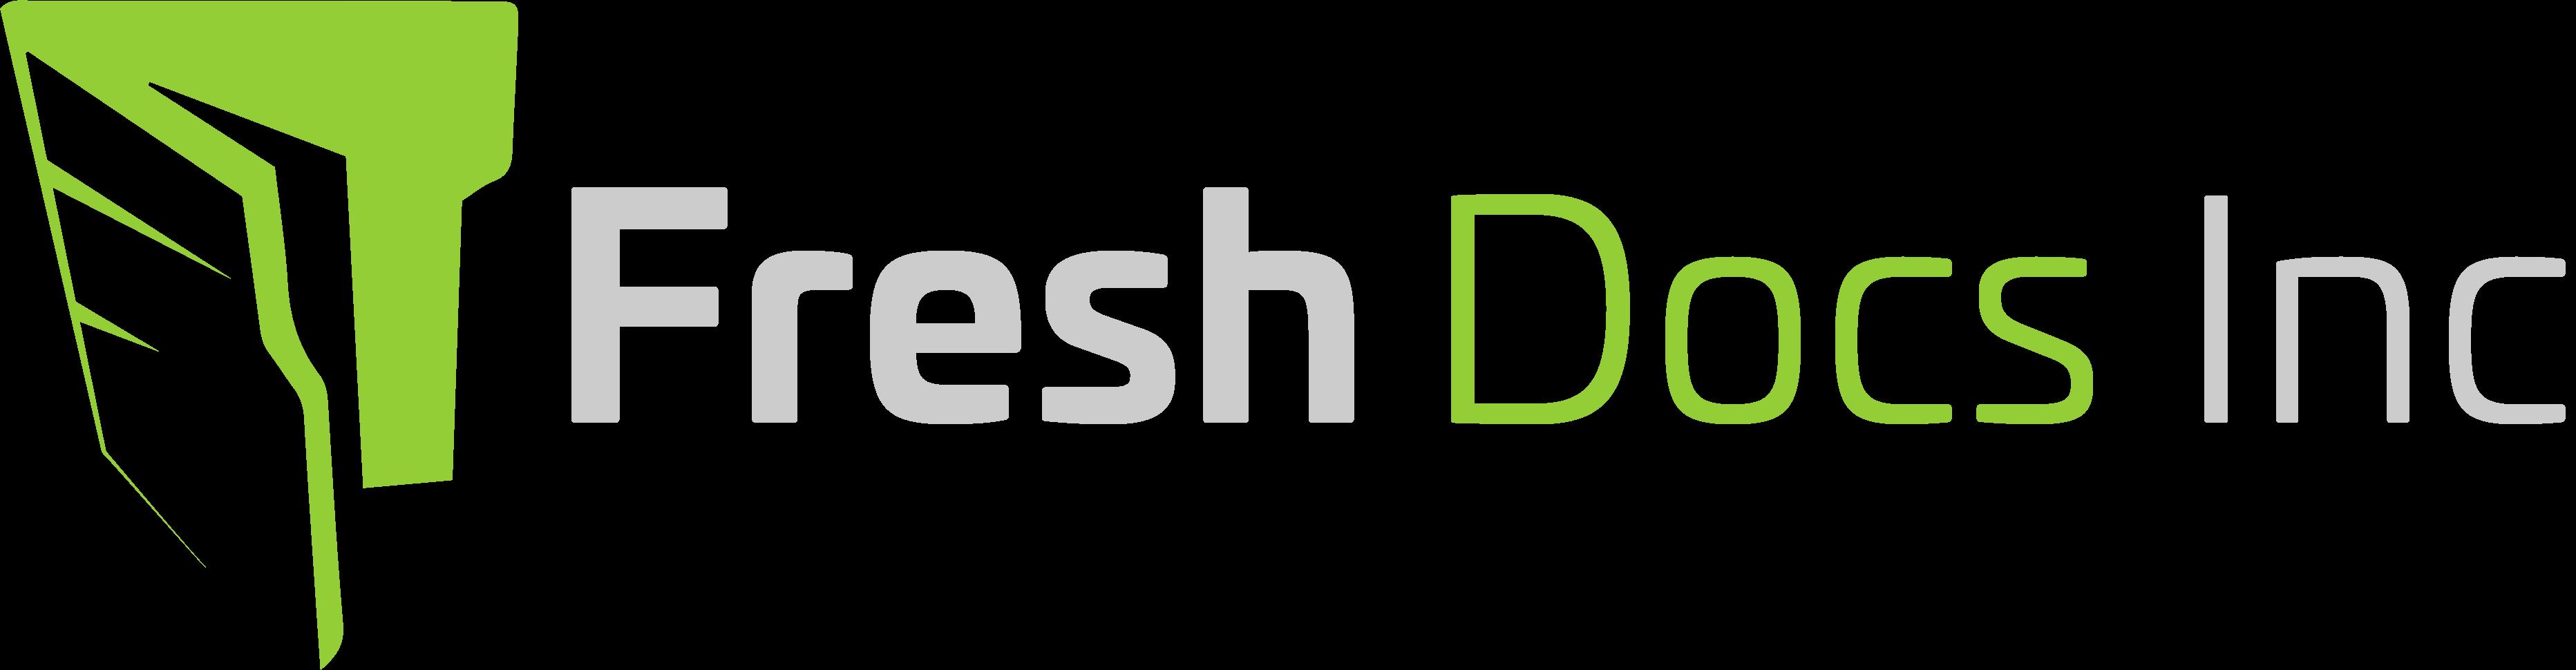 FreshWerks Academy